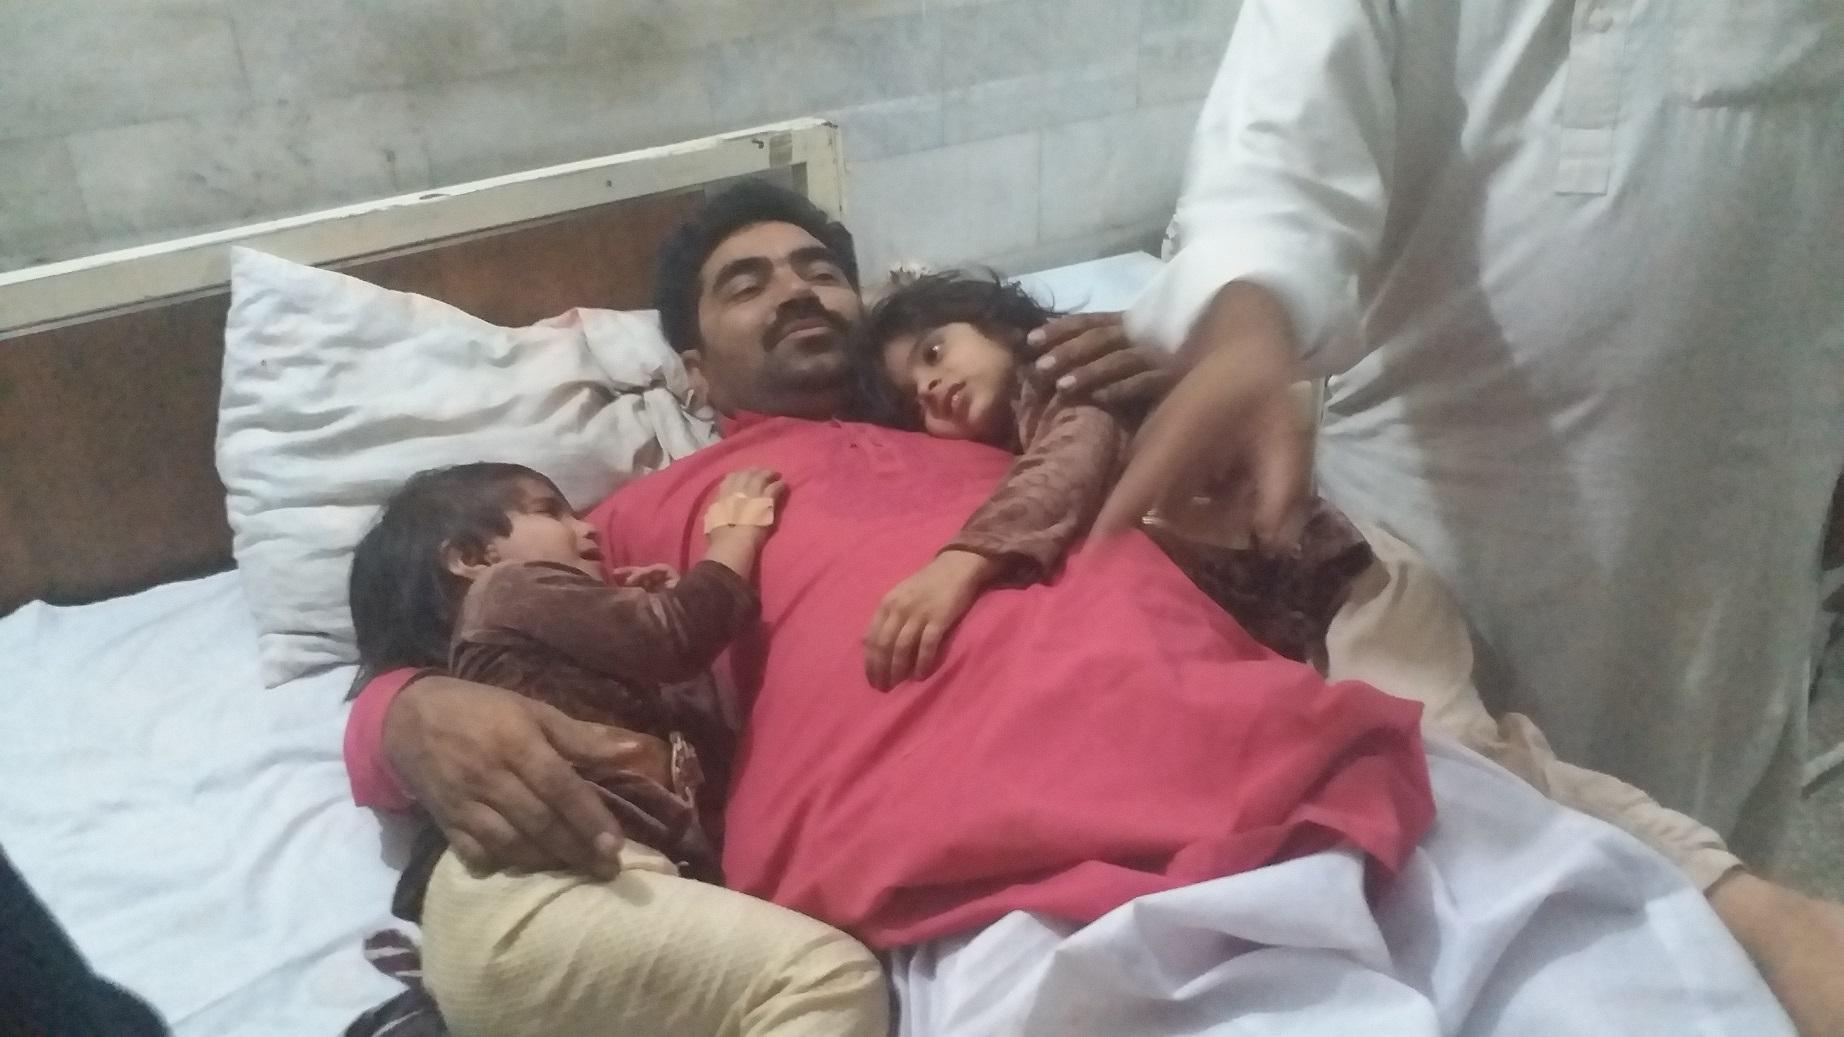 ضلع ٹھٹھہ سے تعلق رکھنے والے سیاحوں کی گاڑی کو حادثہ، تین افراد جان بحق، بارہ زخمی ہو گئے